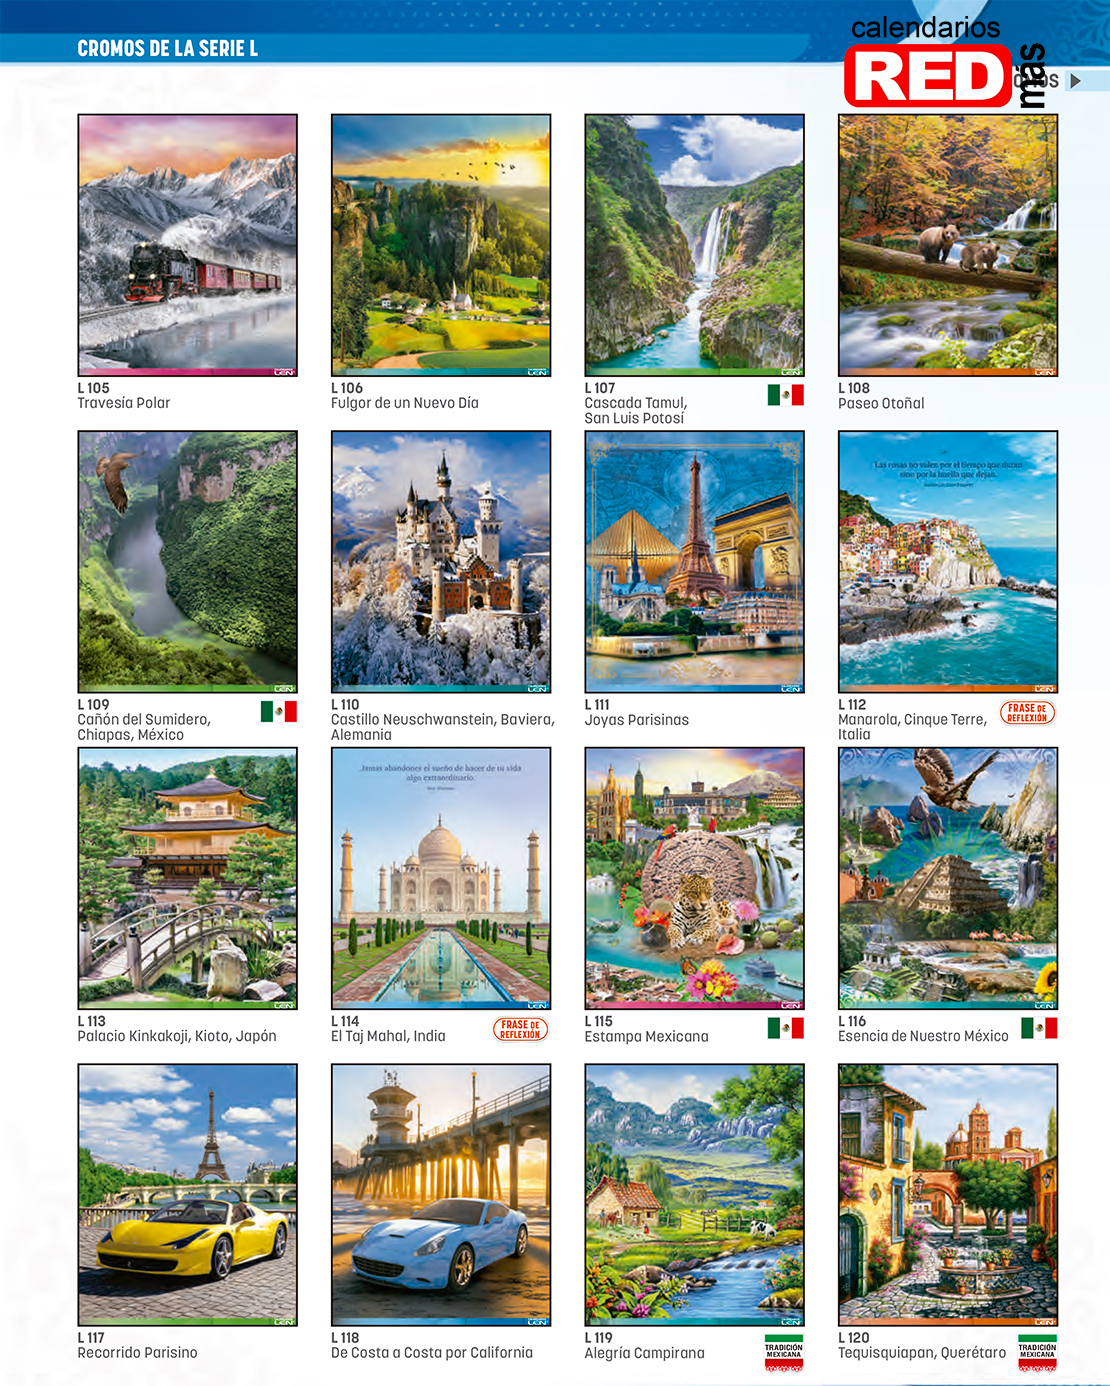 37-Catalogo-Calendarios-LEN-2021-Serie-L-105-120-calendarios-red-2021.jpg